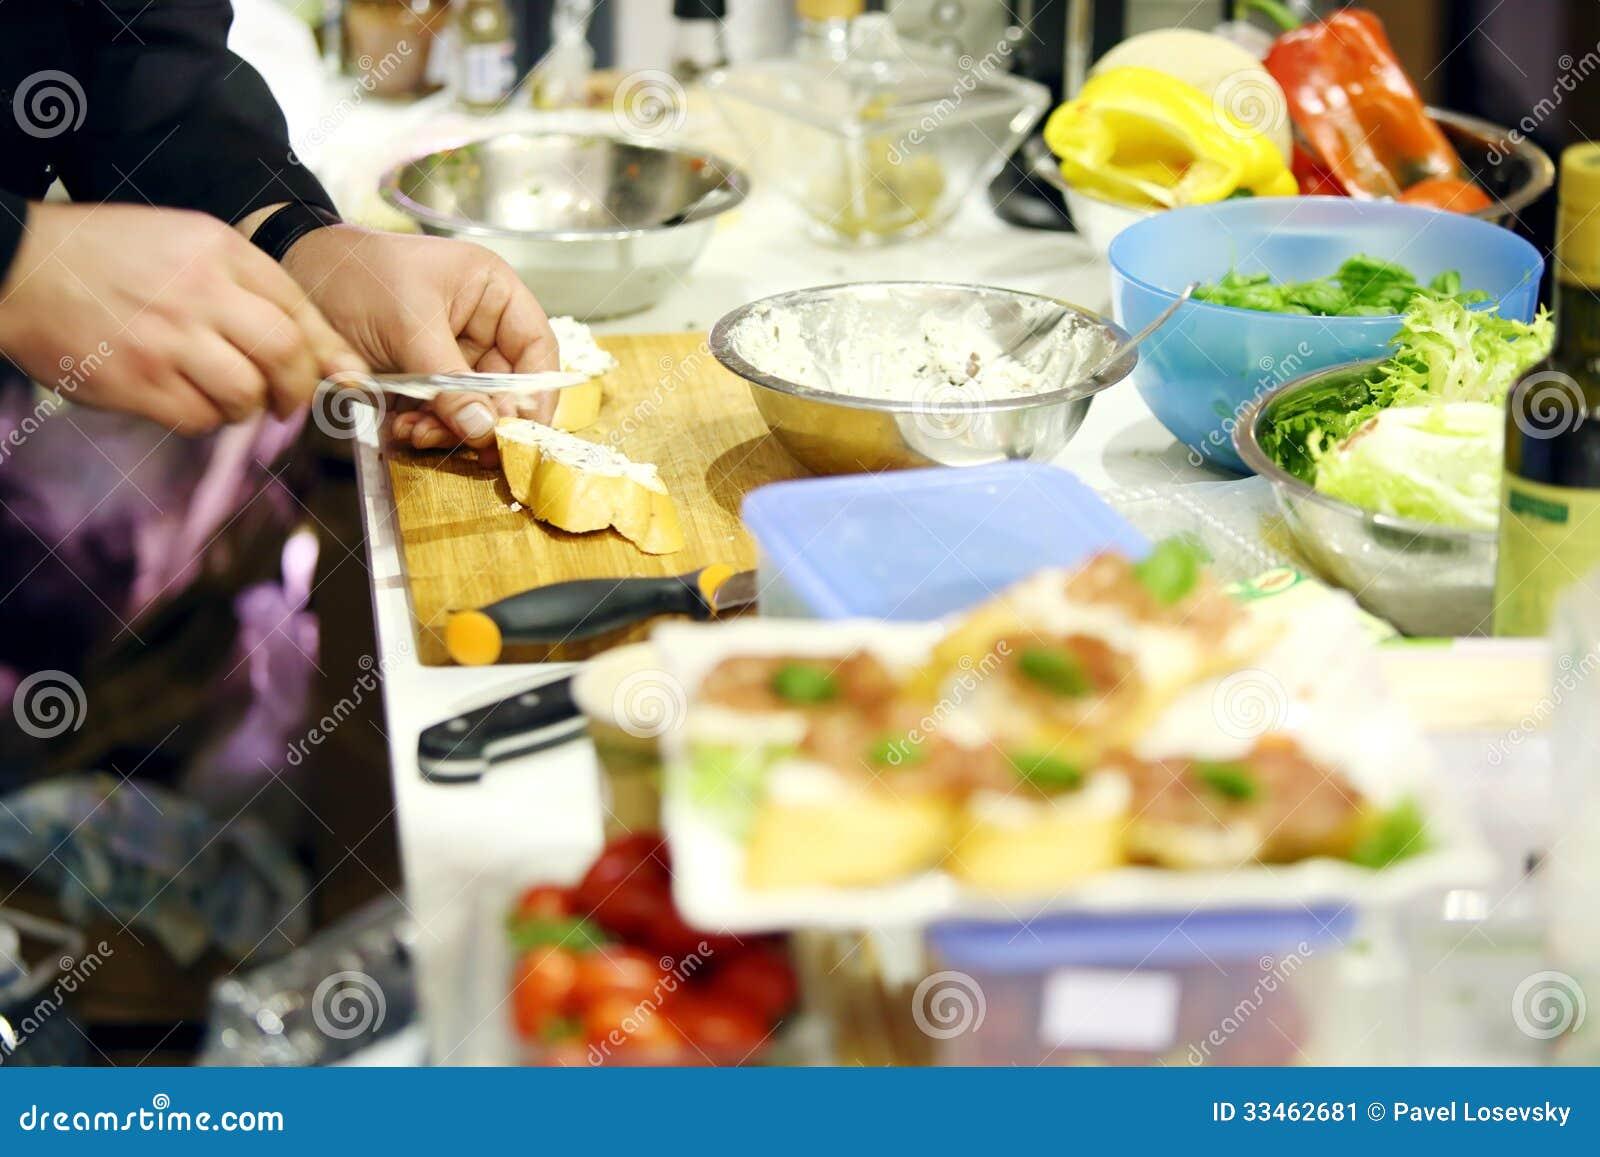 Männliche Chefhände Machen Köstliches Sandwich Auf Tabelle Stockbild ...